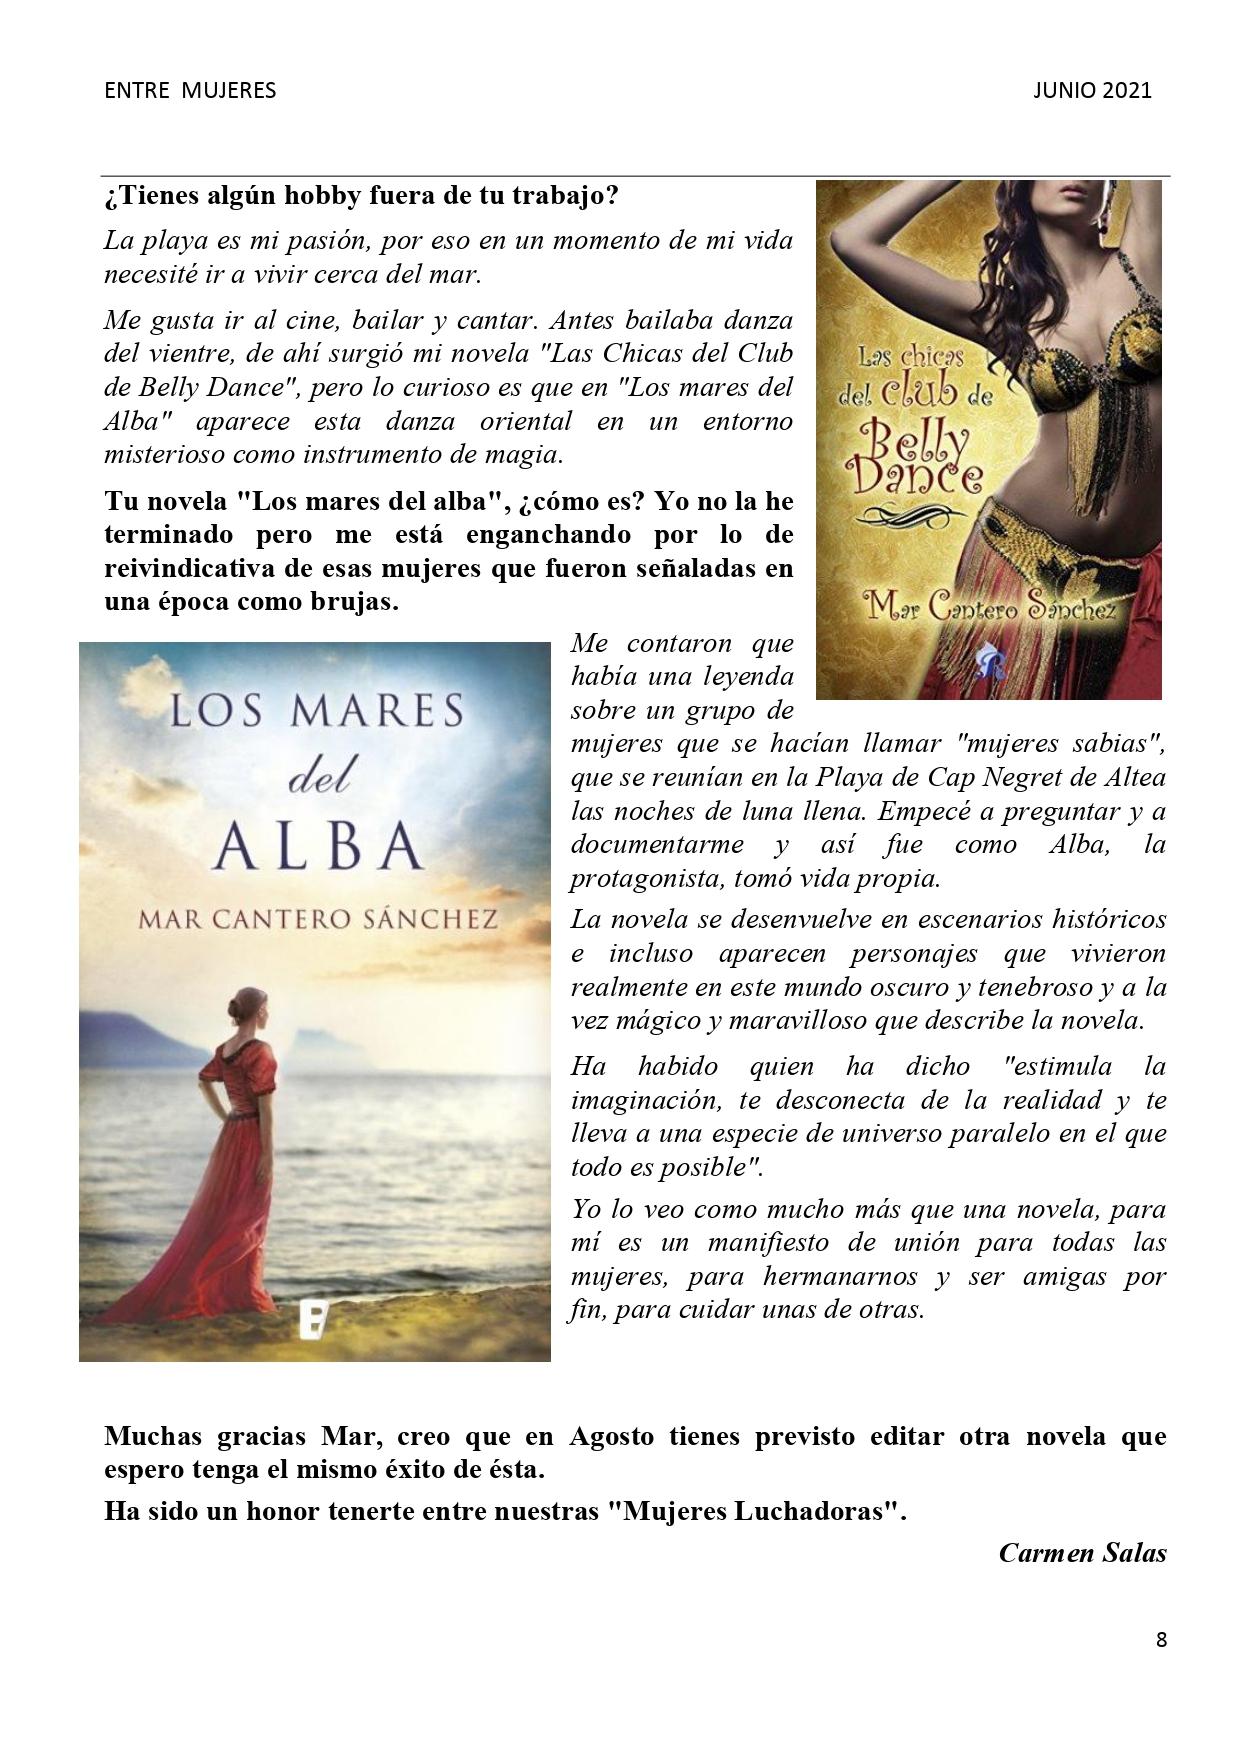 HALLAR EL BIENESTAR A TRAVÉS DE LA ESCRITURA, pag 3, INTEGRAL 5-2007, Mar Cantero Sánchez